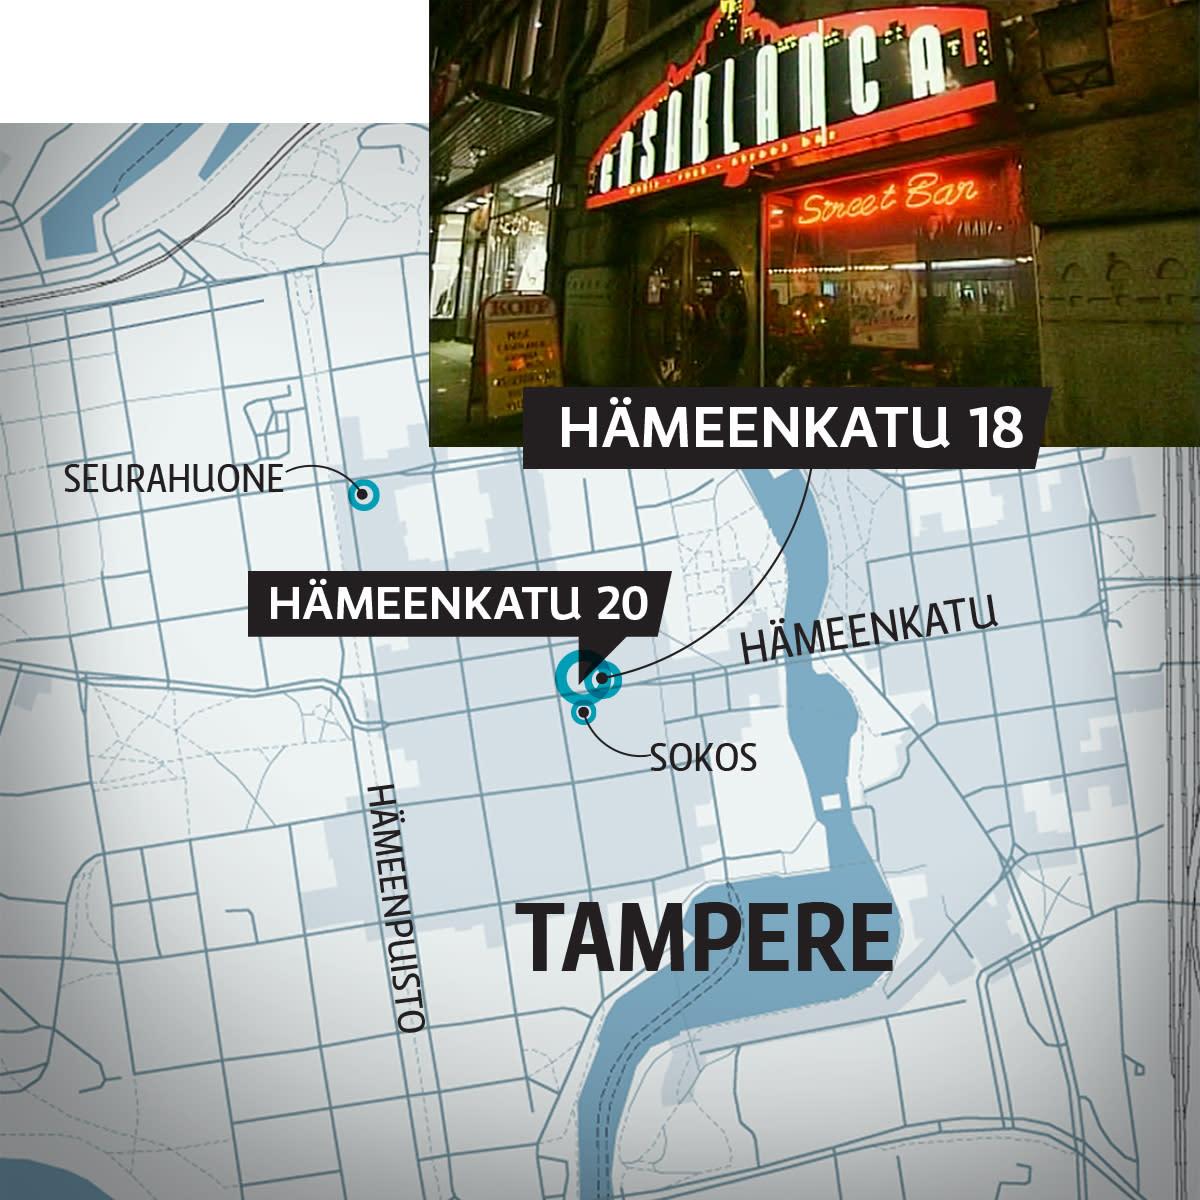 Kartta Tampereen keskustasta. Hämeenkatu 20